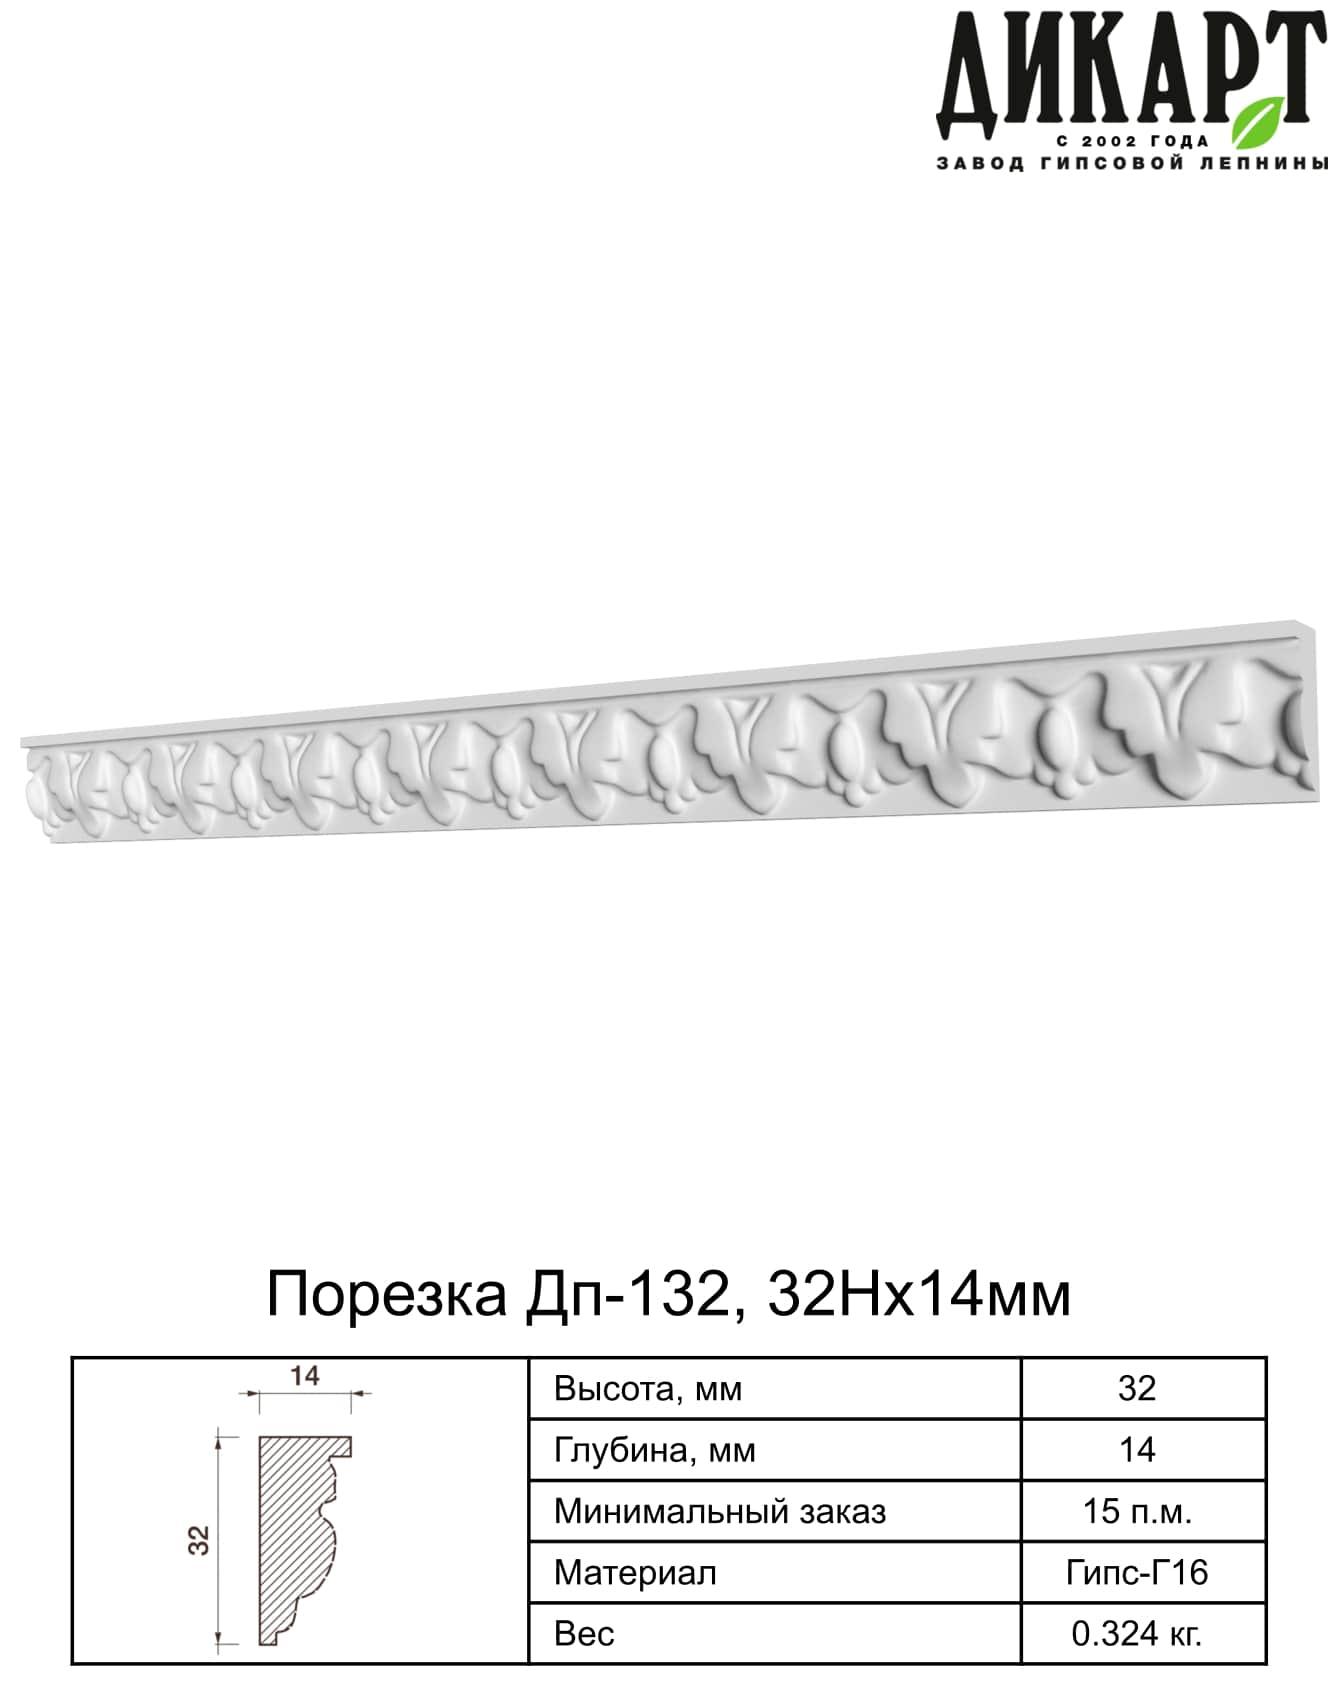 Порезка_Дп-132